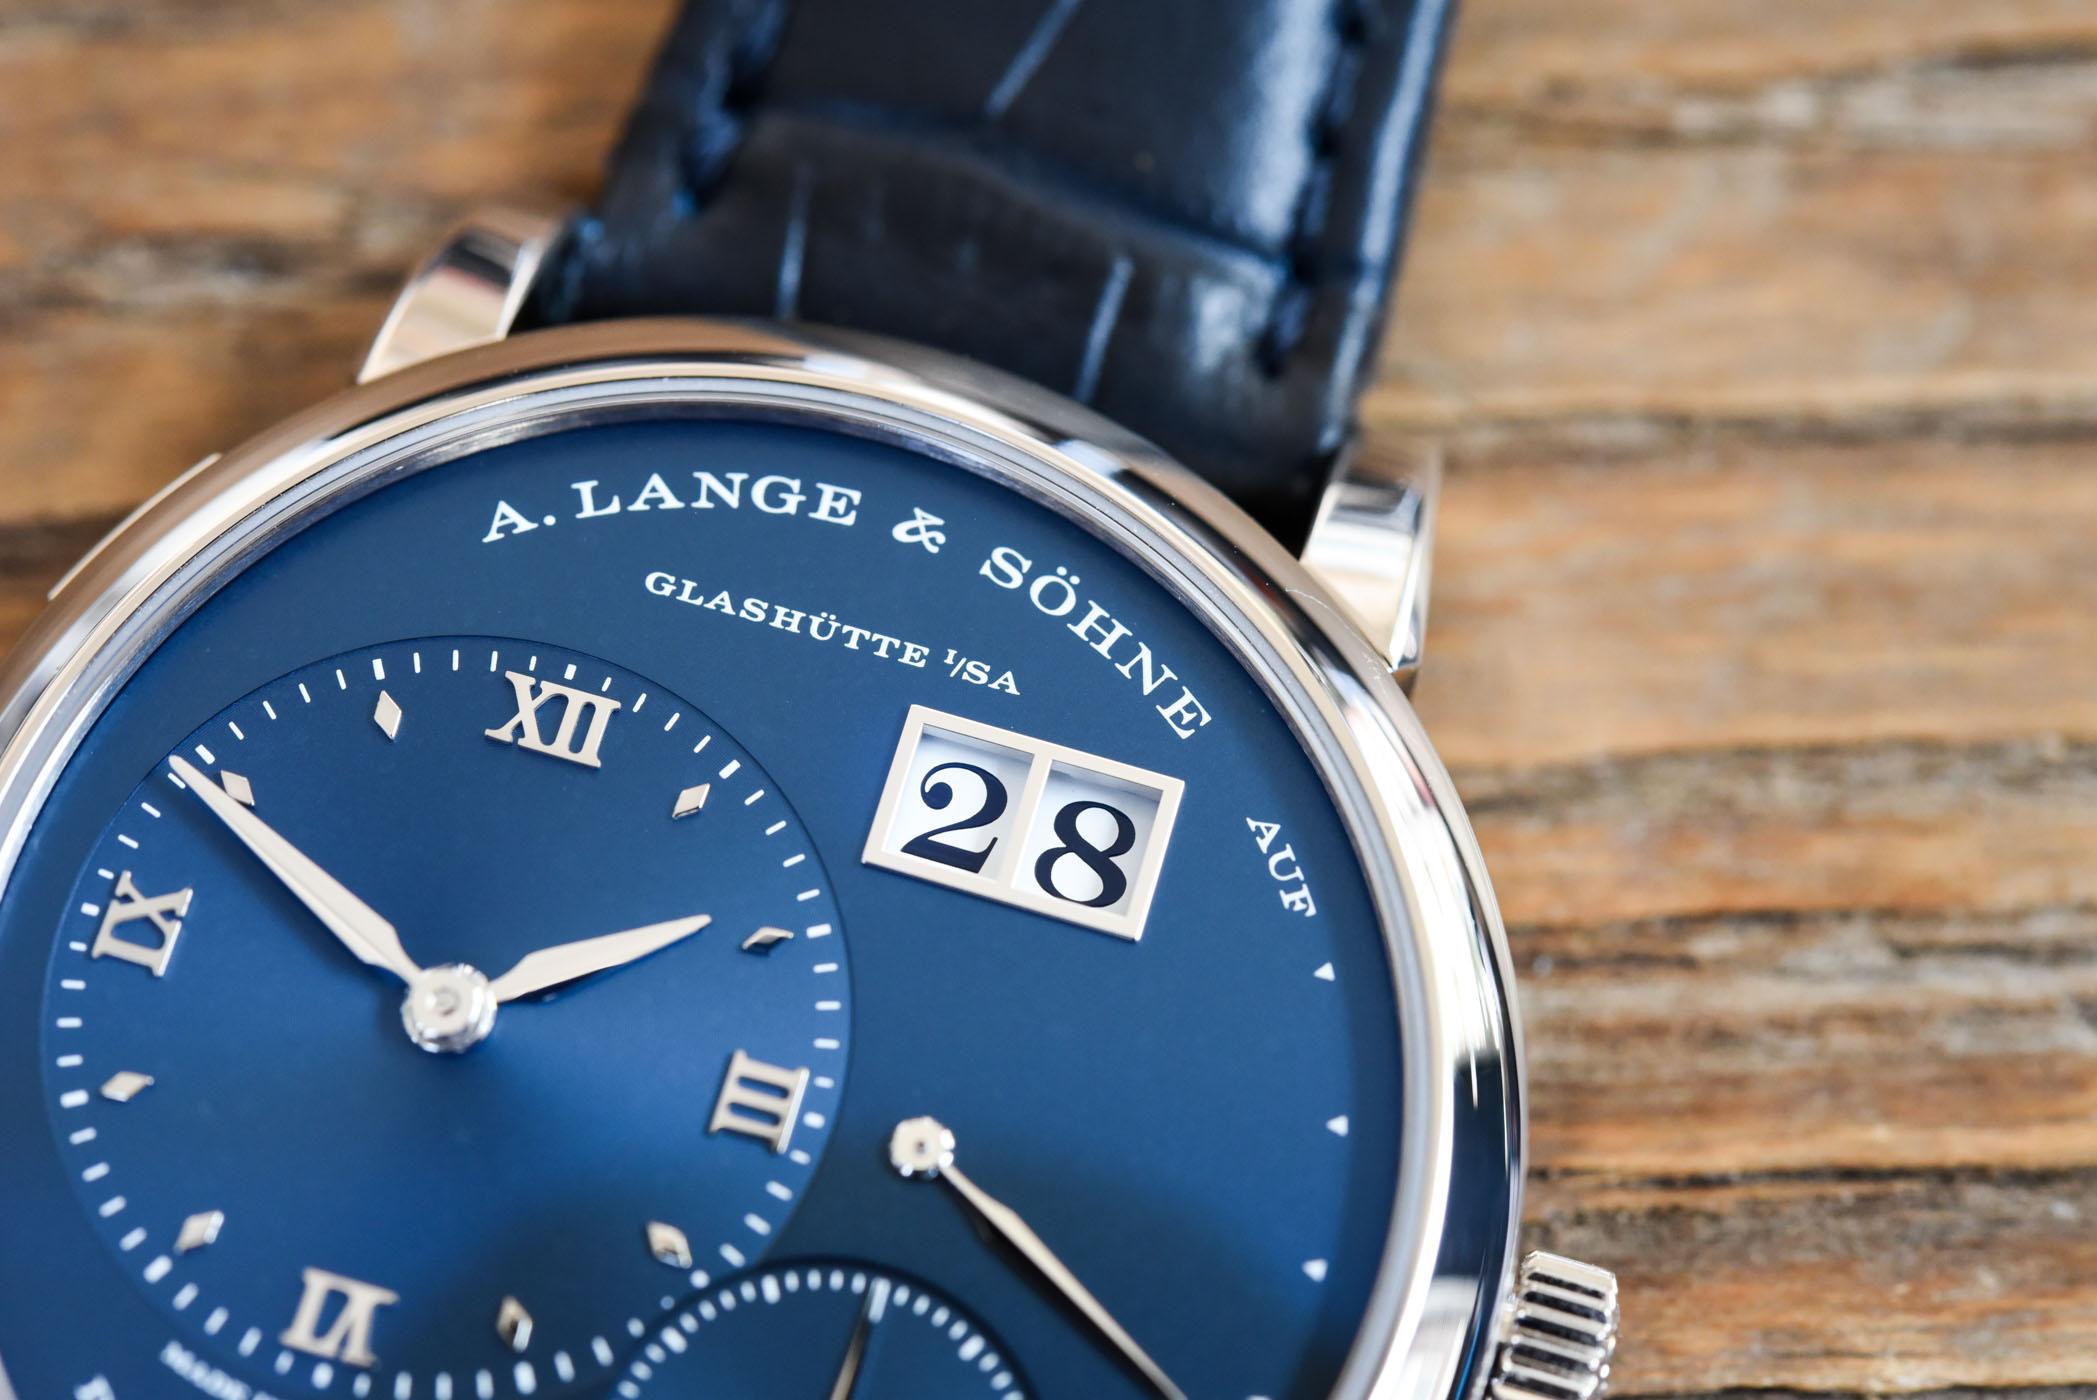 Lange Soehne Lange 1 Daymatic-2958